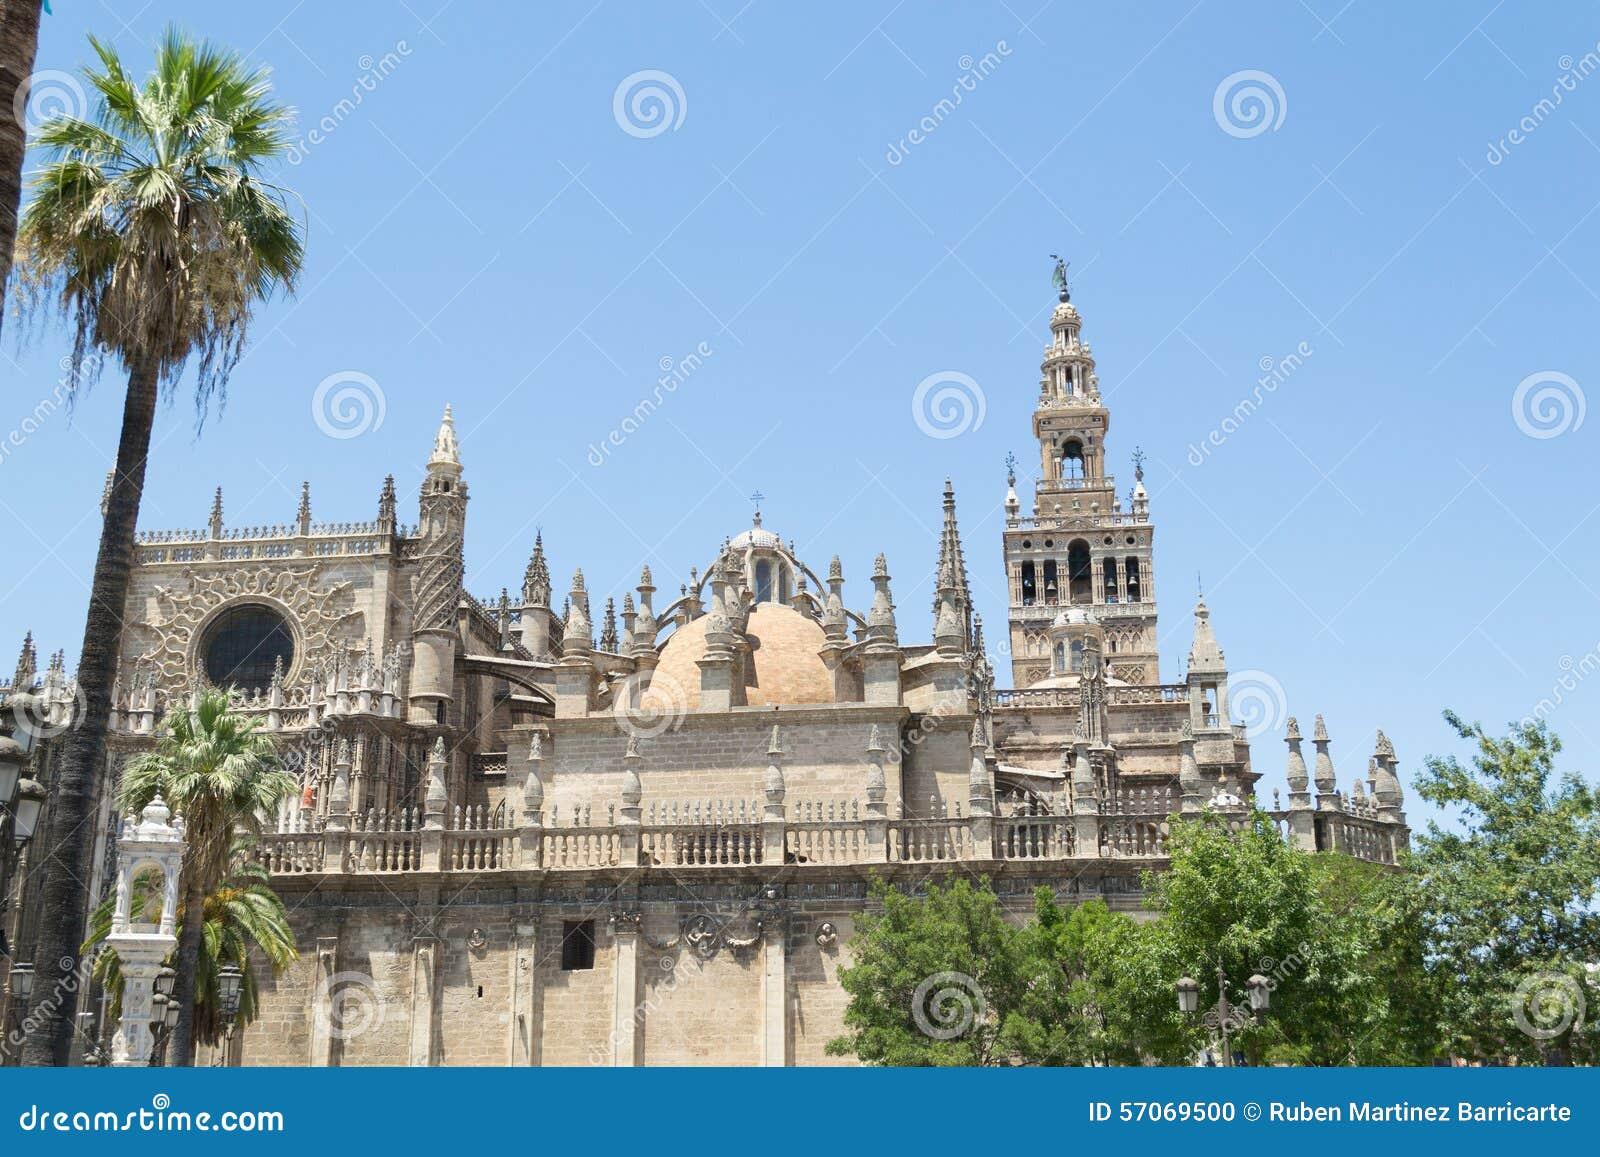 Santa Maria de la Sede Cathedral